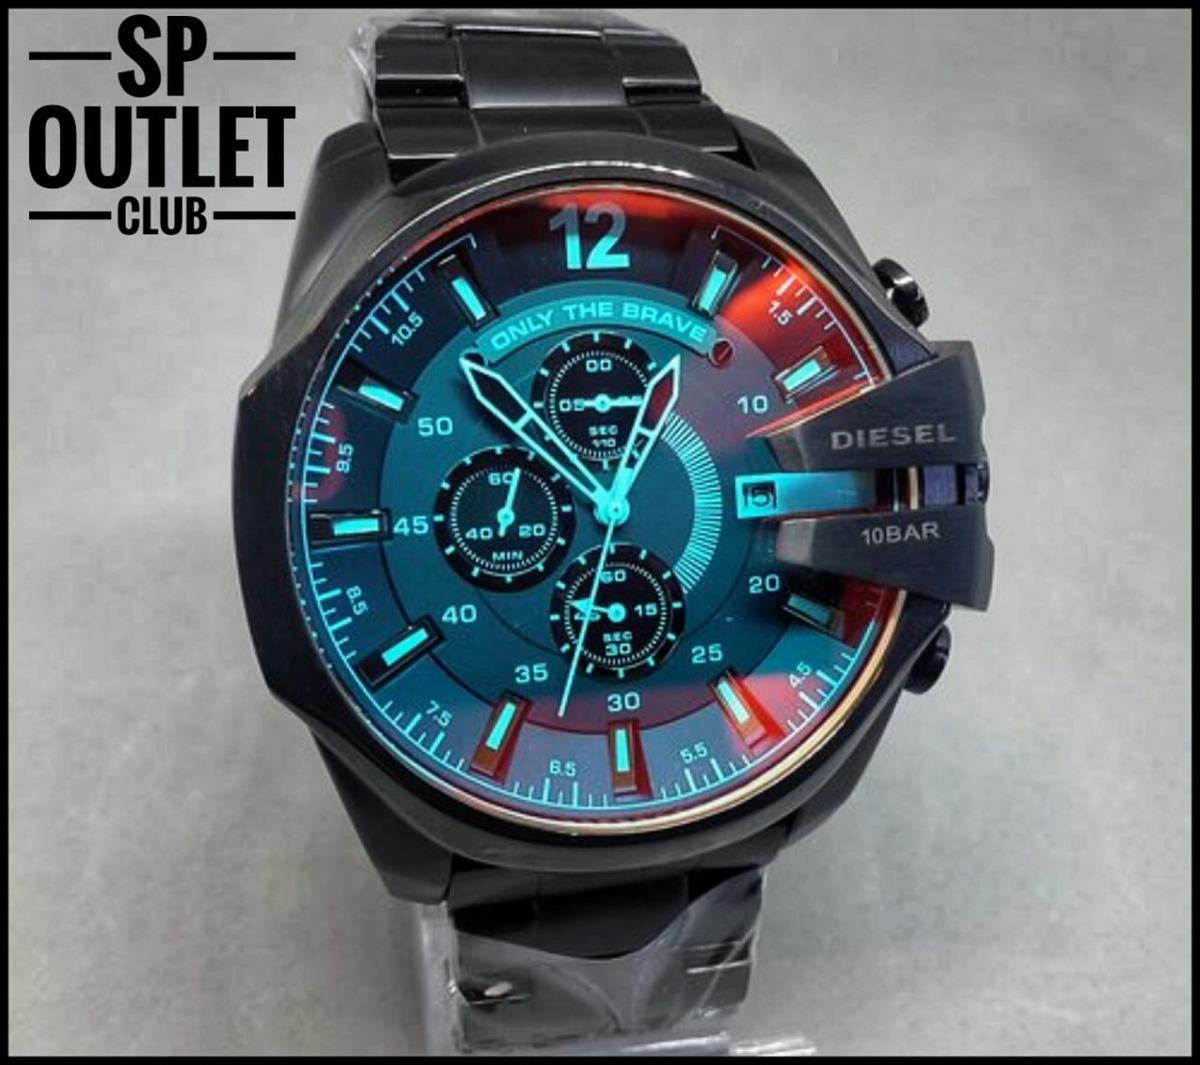 31d4bab467782 Relógio Diesel 10 Bar Camaleão Original! Frete Grátis! - R  499,90 ...